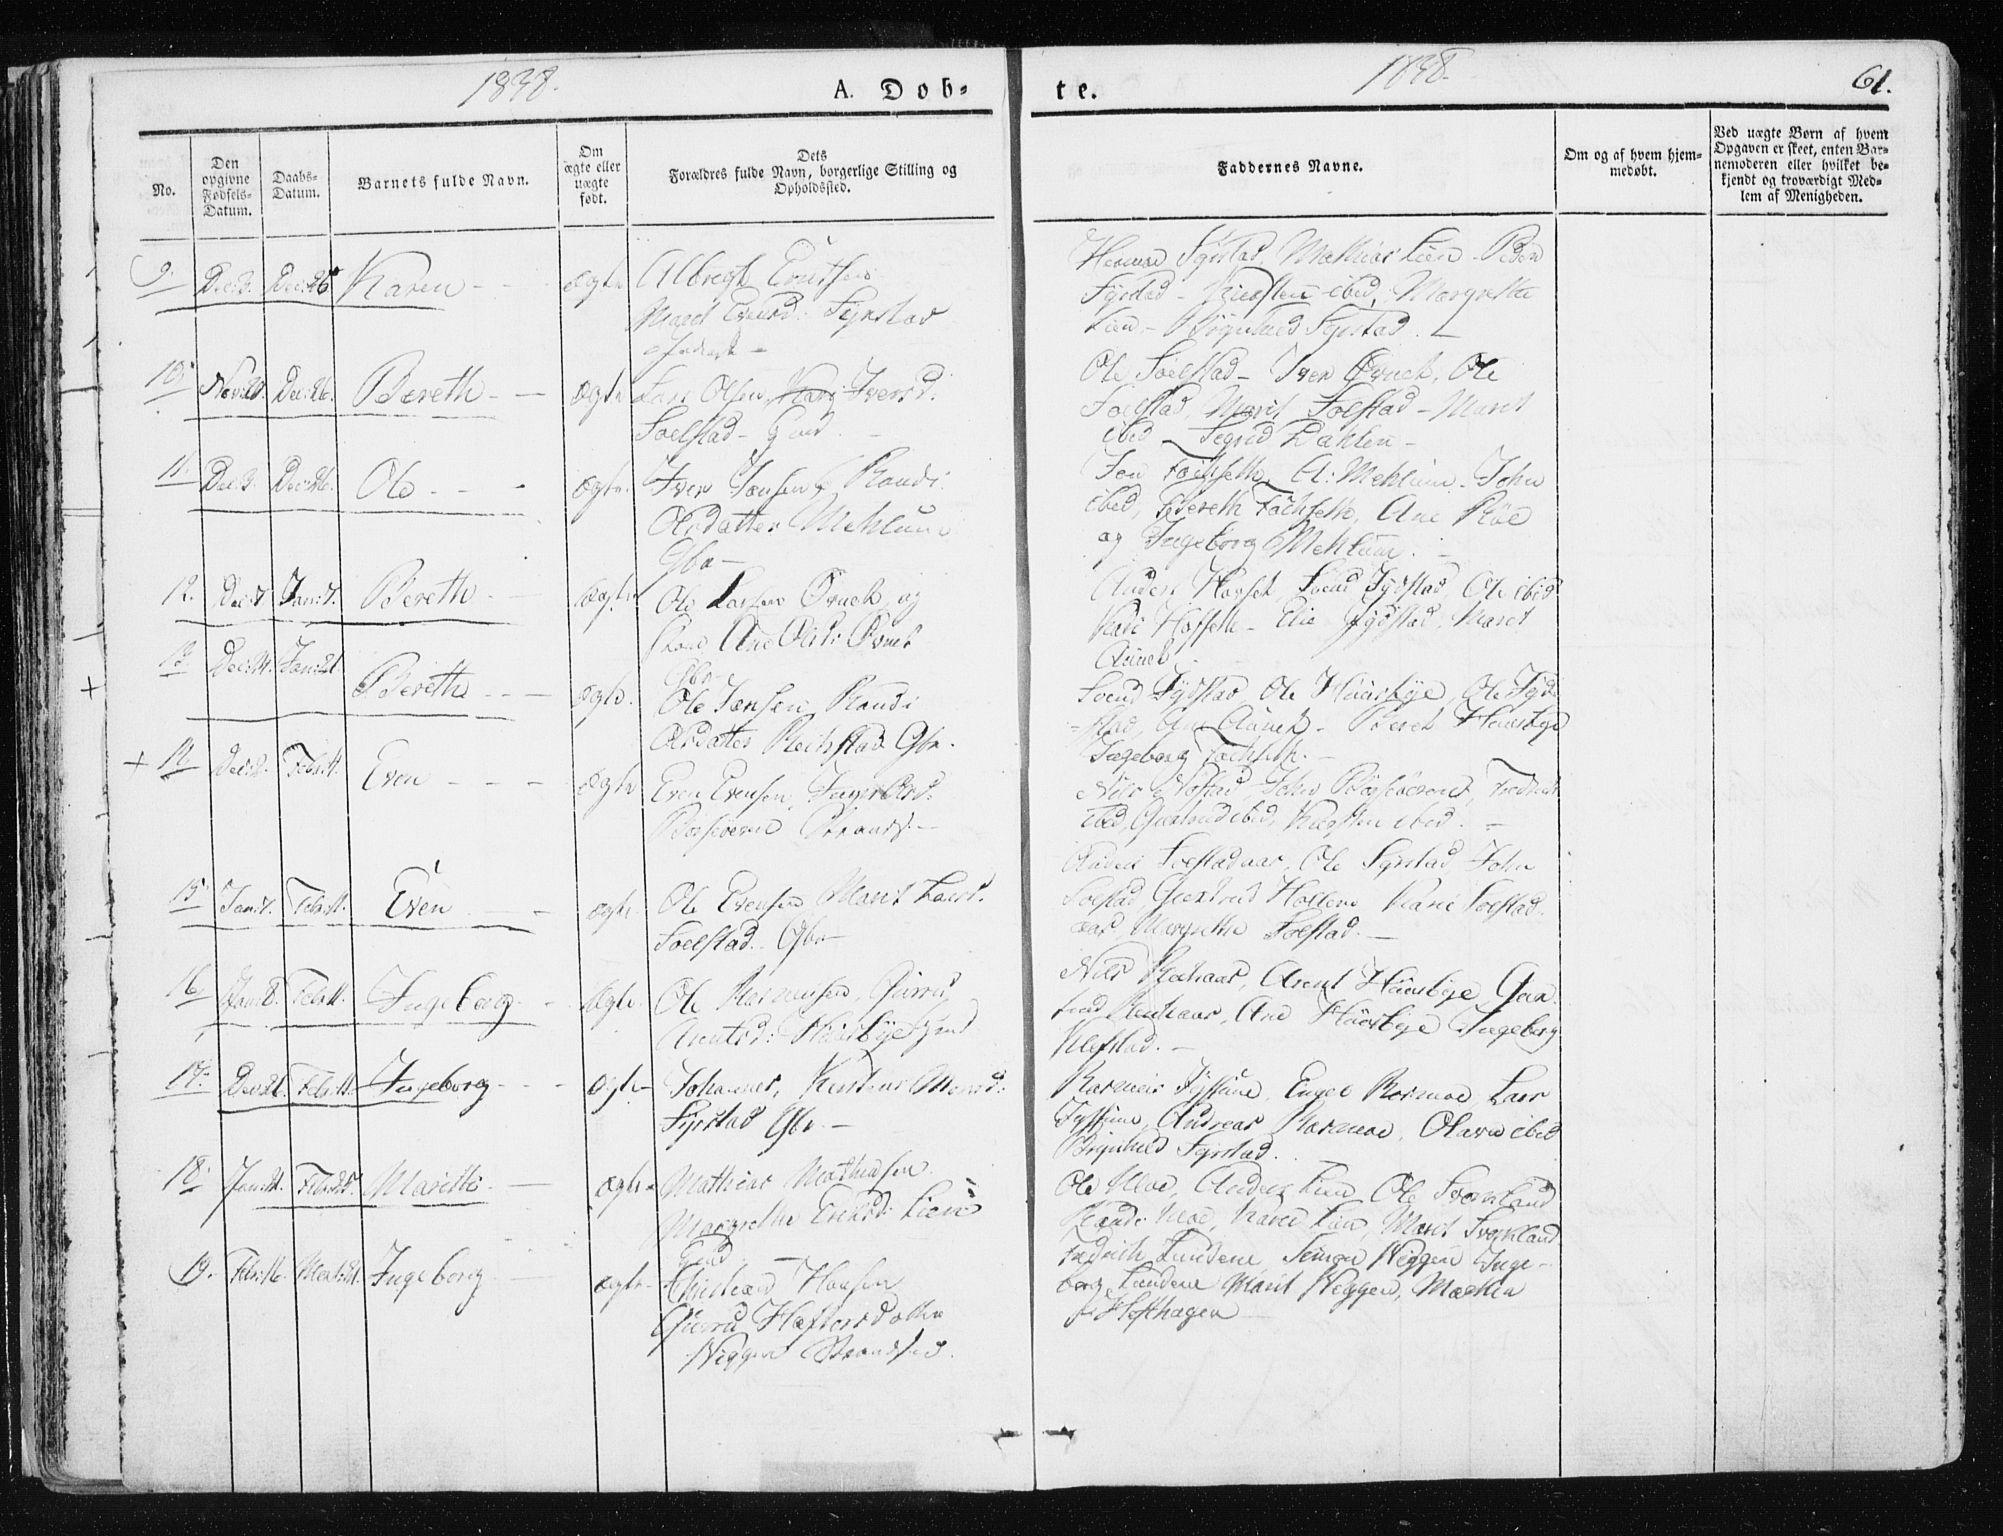 SAT, Ministerialprotokoller, klokkerbøker og fødselsregistre - Sør-Trøndelag, 665/L0771: Ministerialbok nr. 665A06, 1830-1856, s. 61